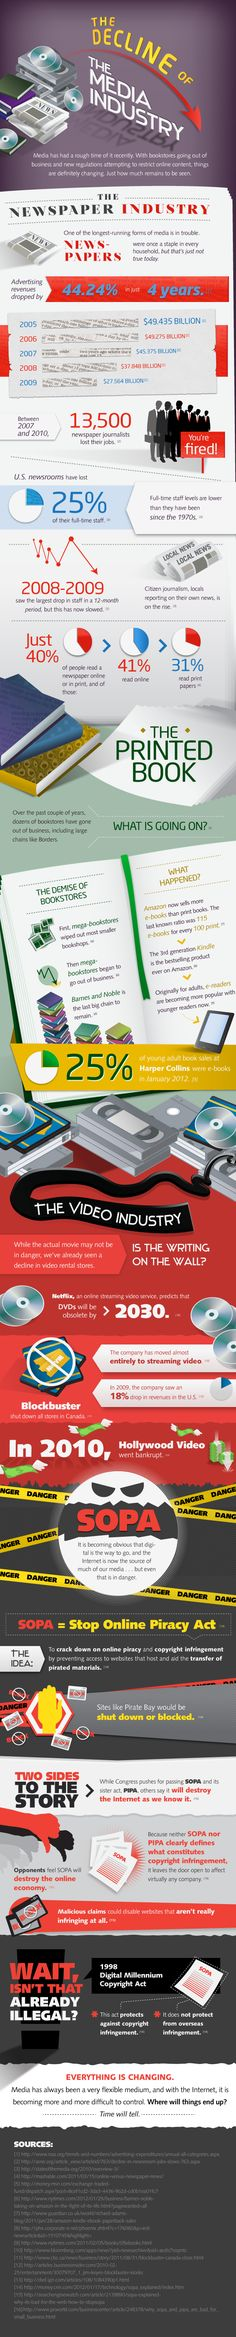 Caida de los medios de comunicación tradicionales. #infographic #soydigital